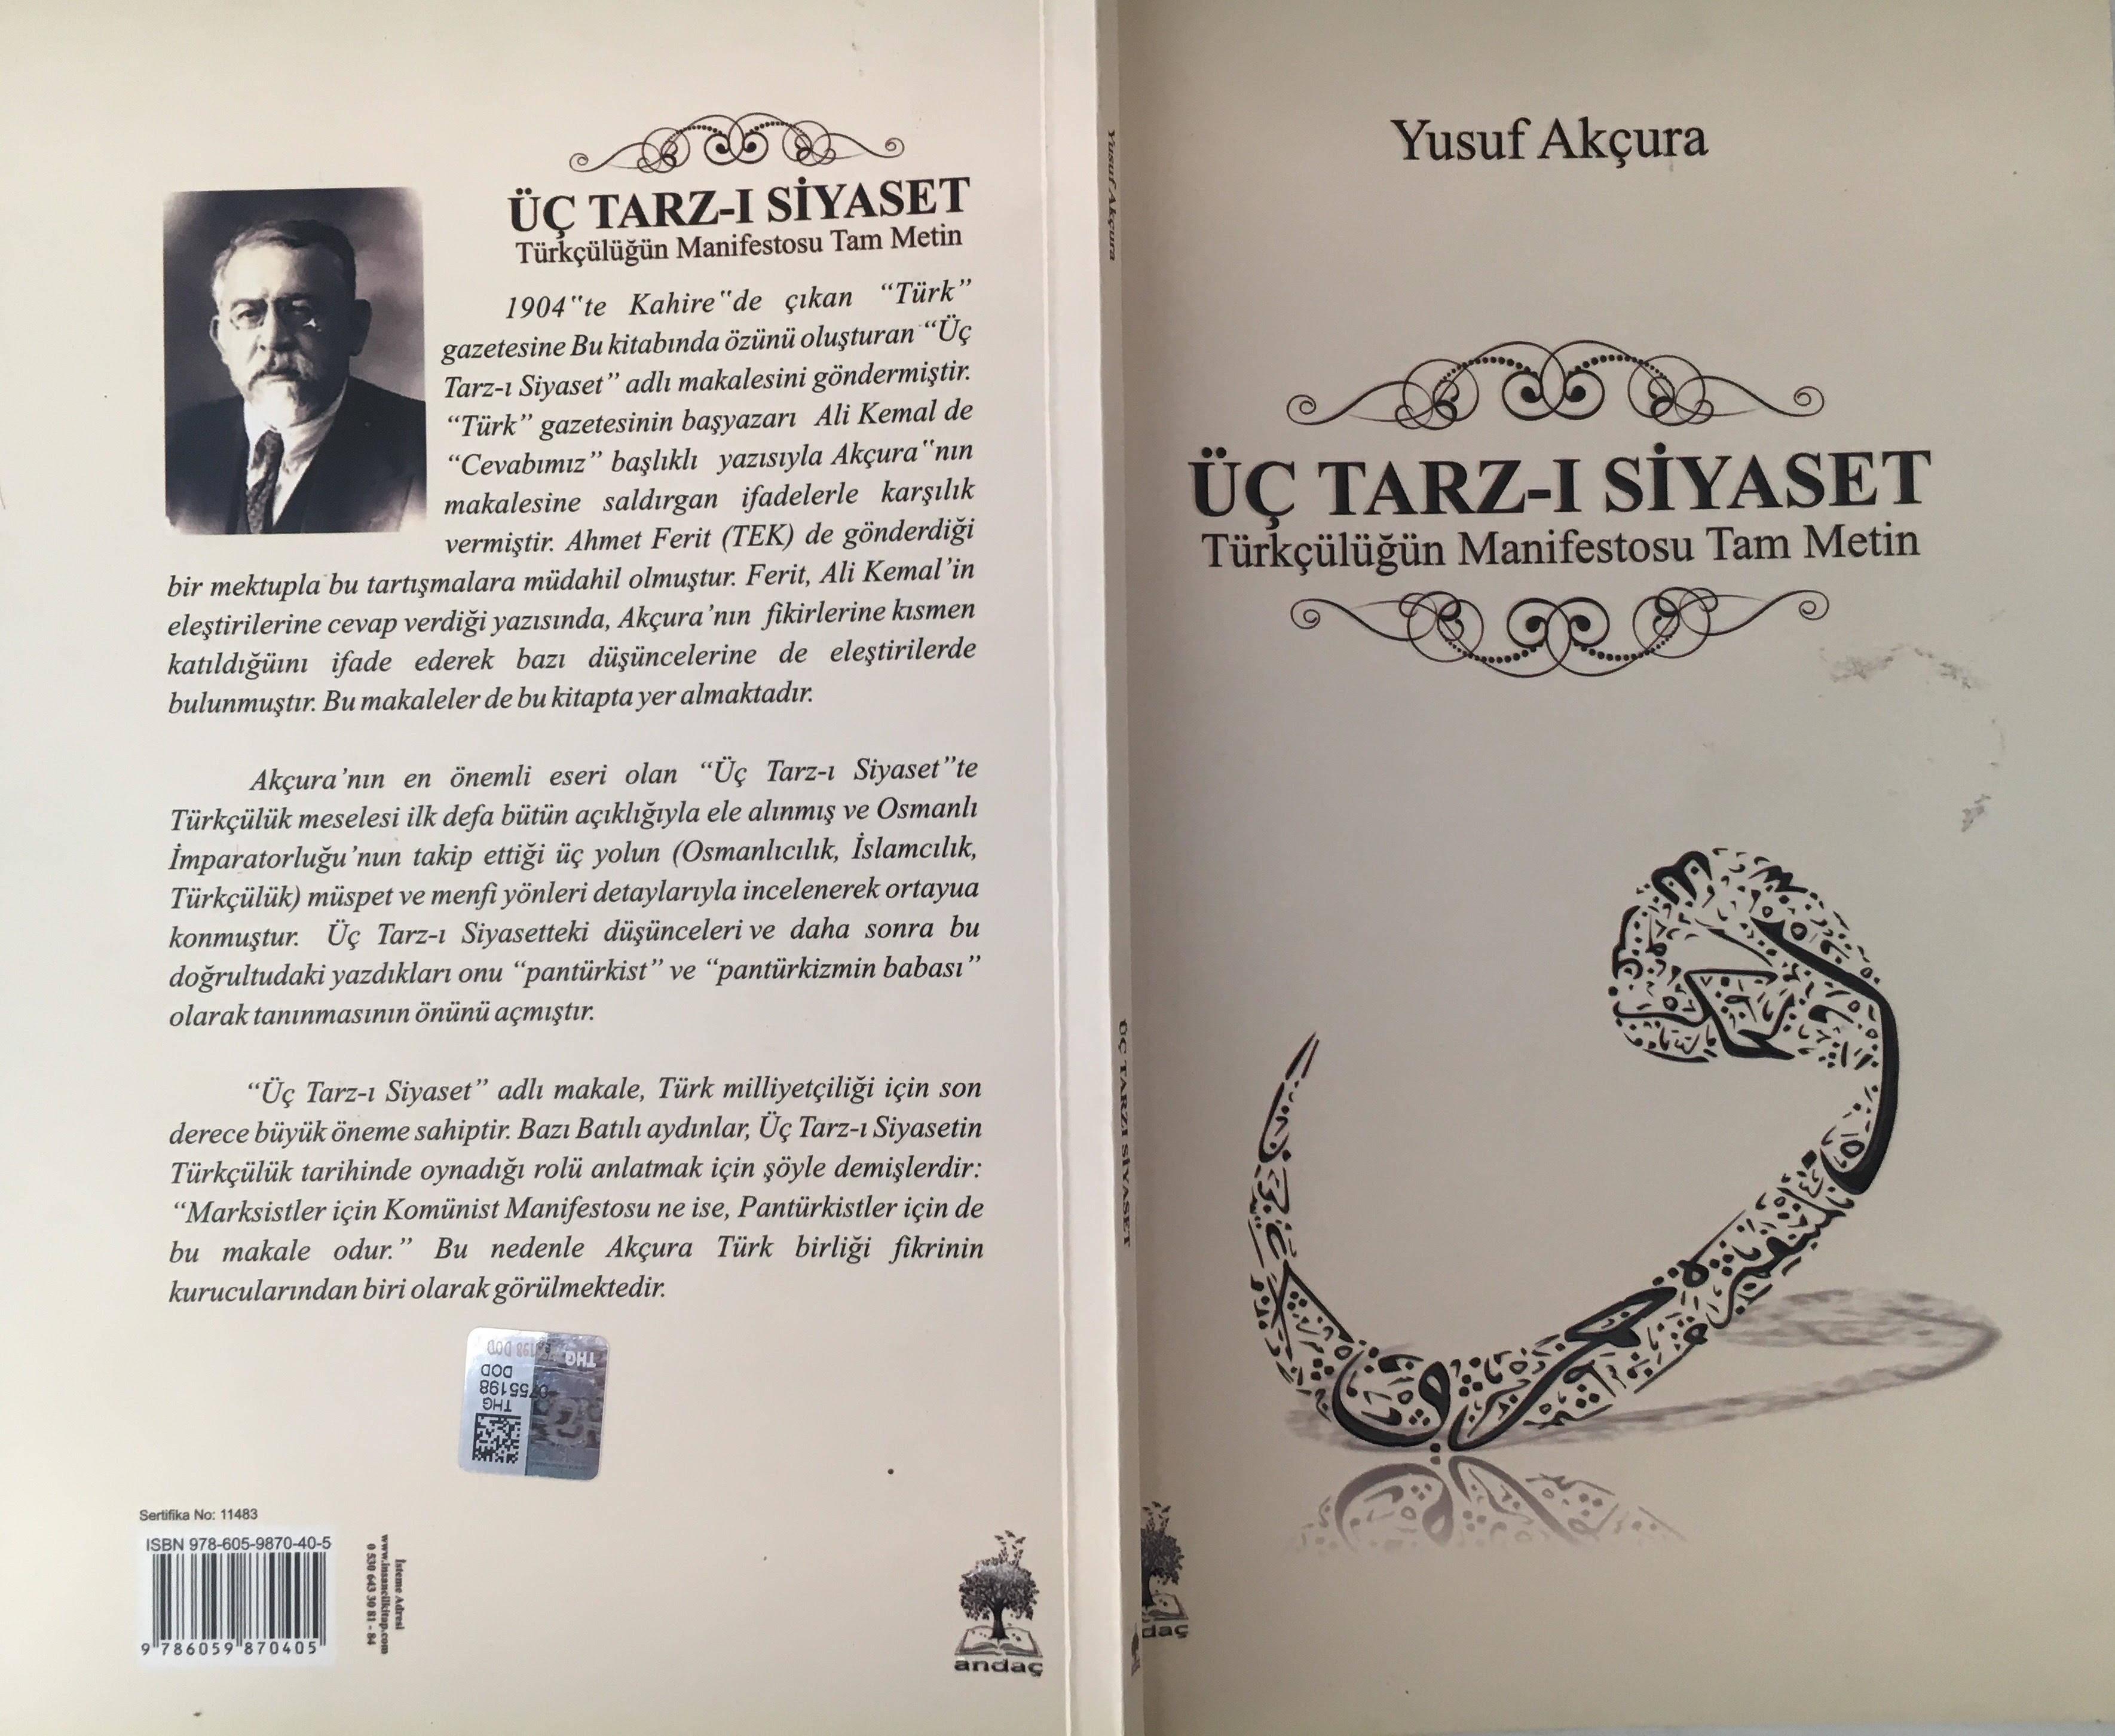 Kitap İncelemesi: Türkçülüğün Manifestosu: Üç Tarzı Siyaset